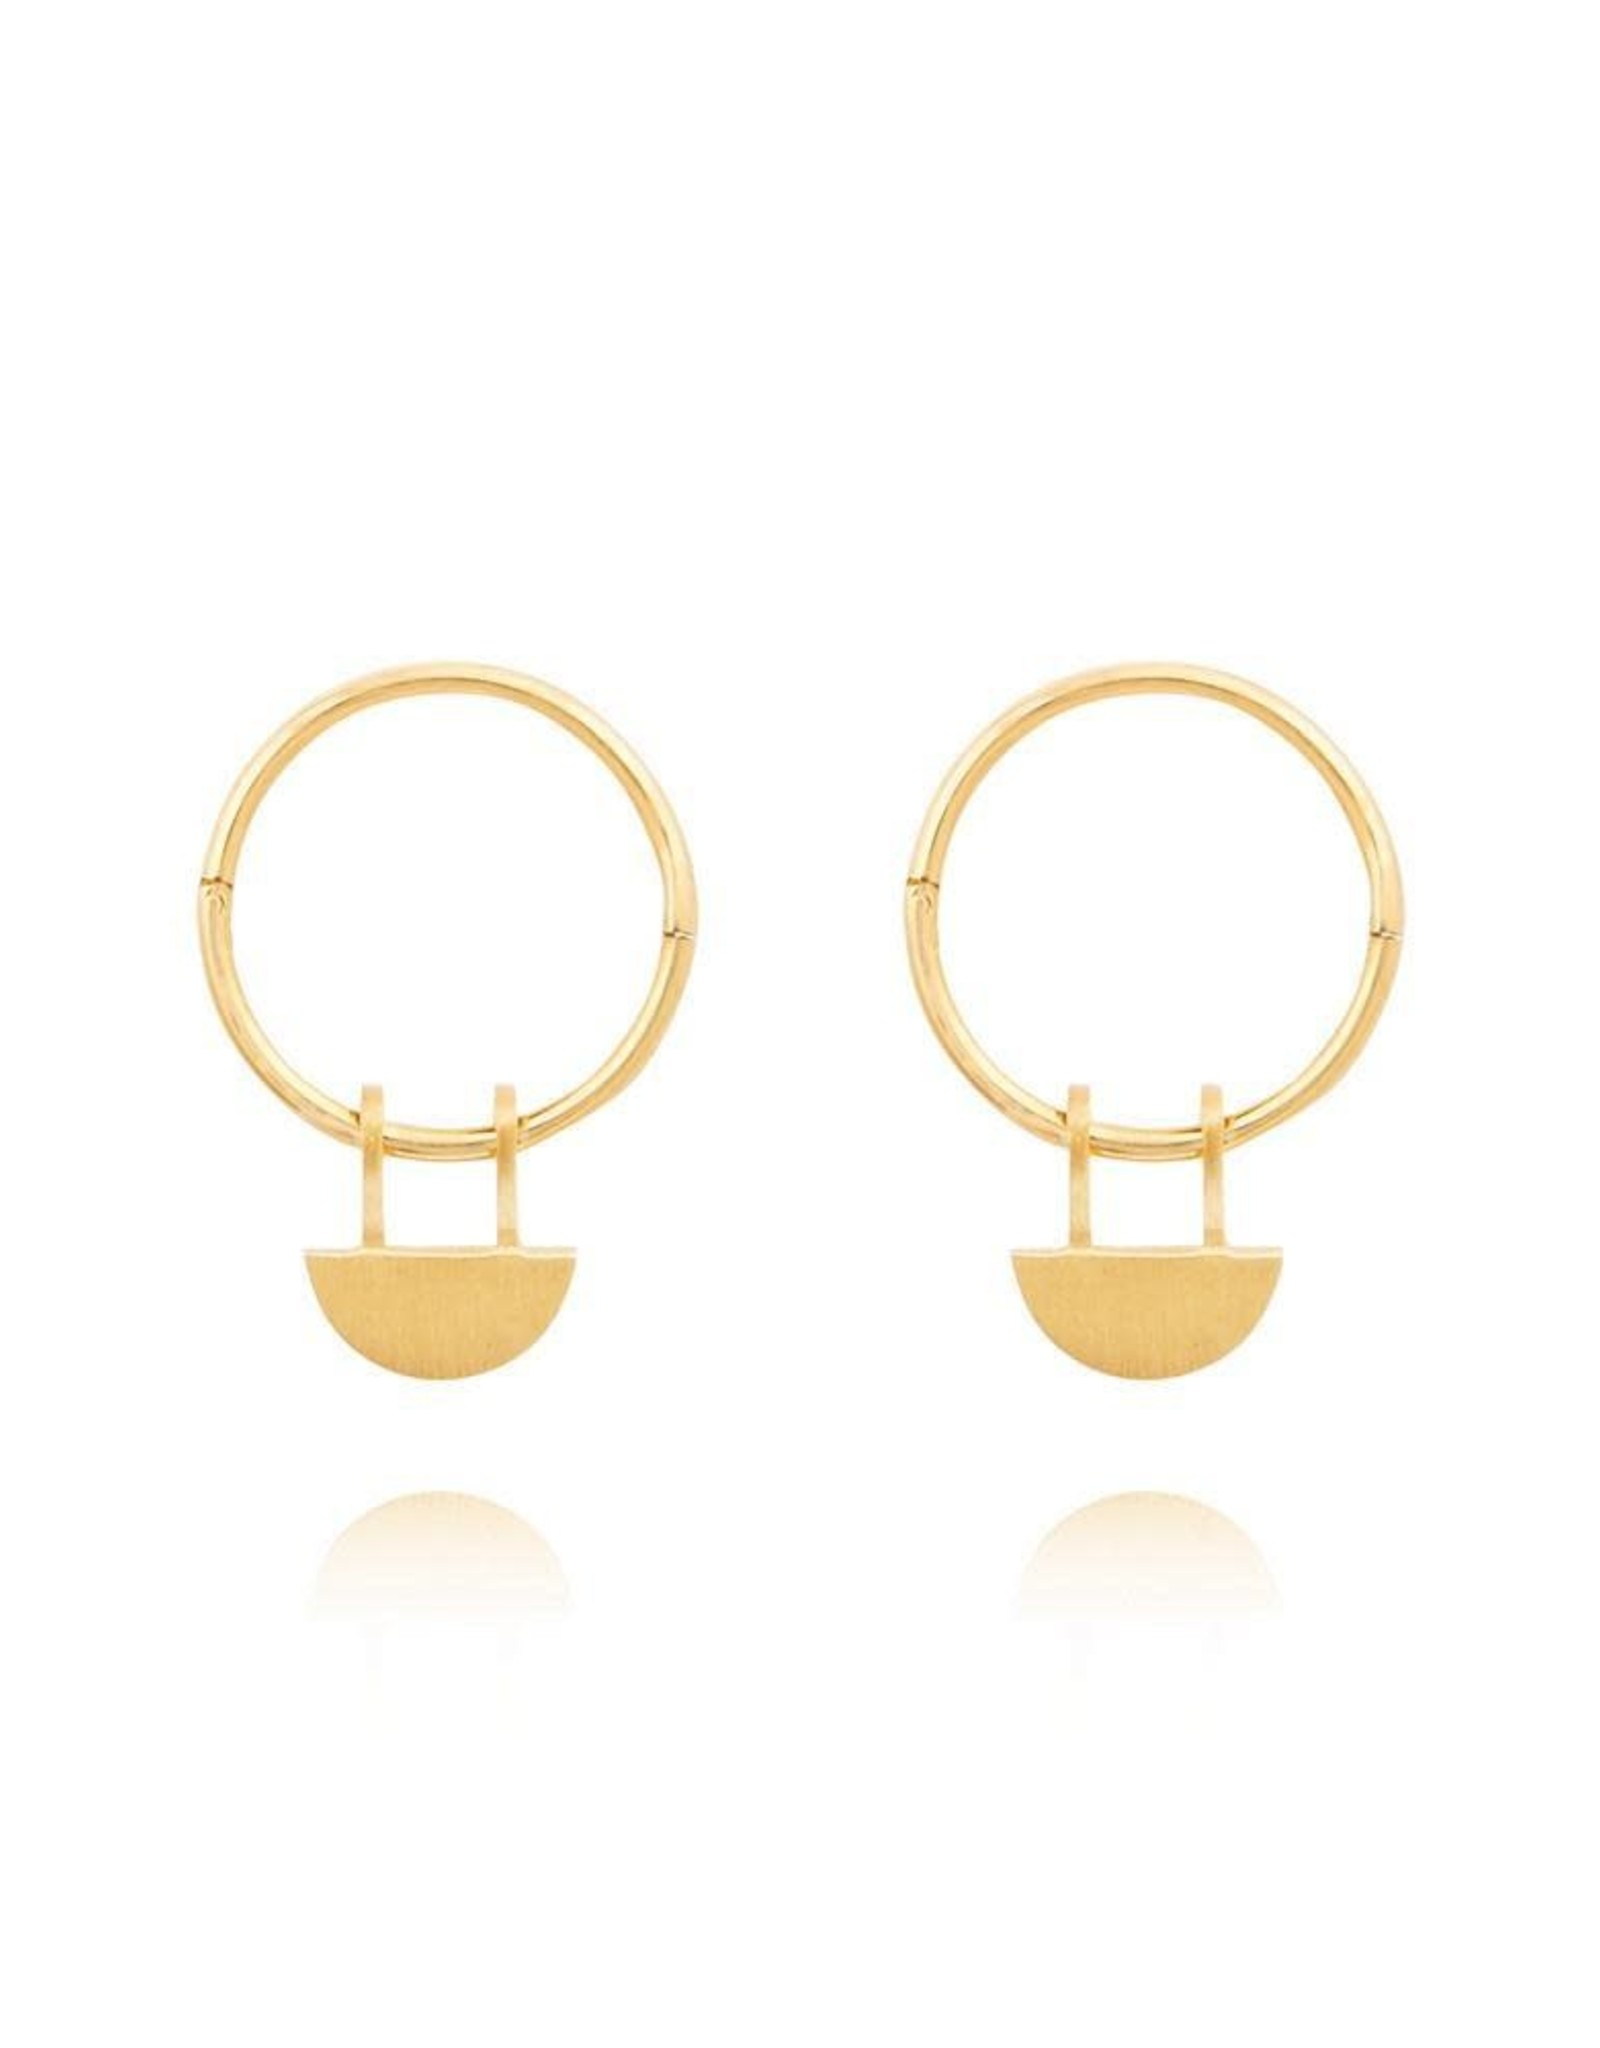 Linda Tahija Yolly Sleeper Hoop Earrings, Gold